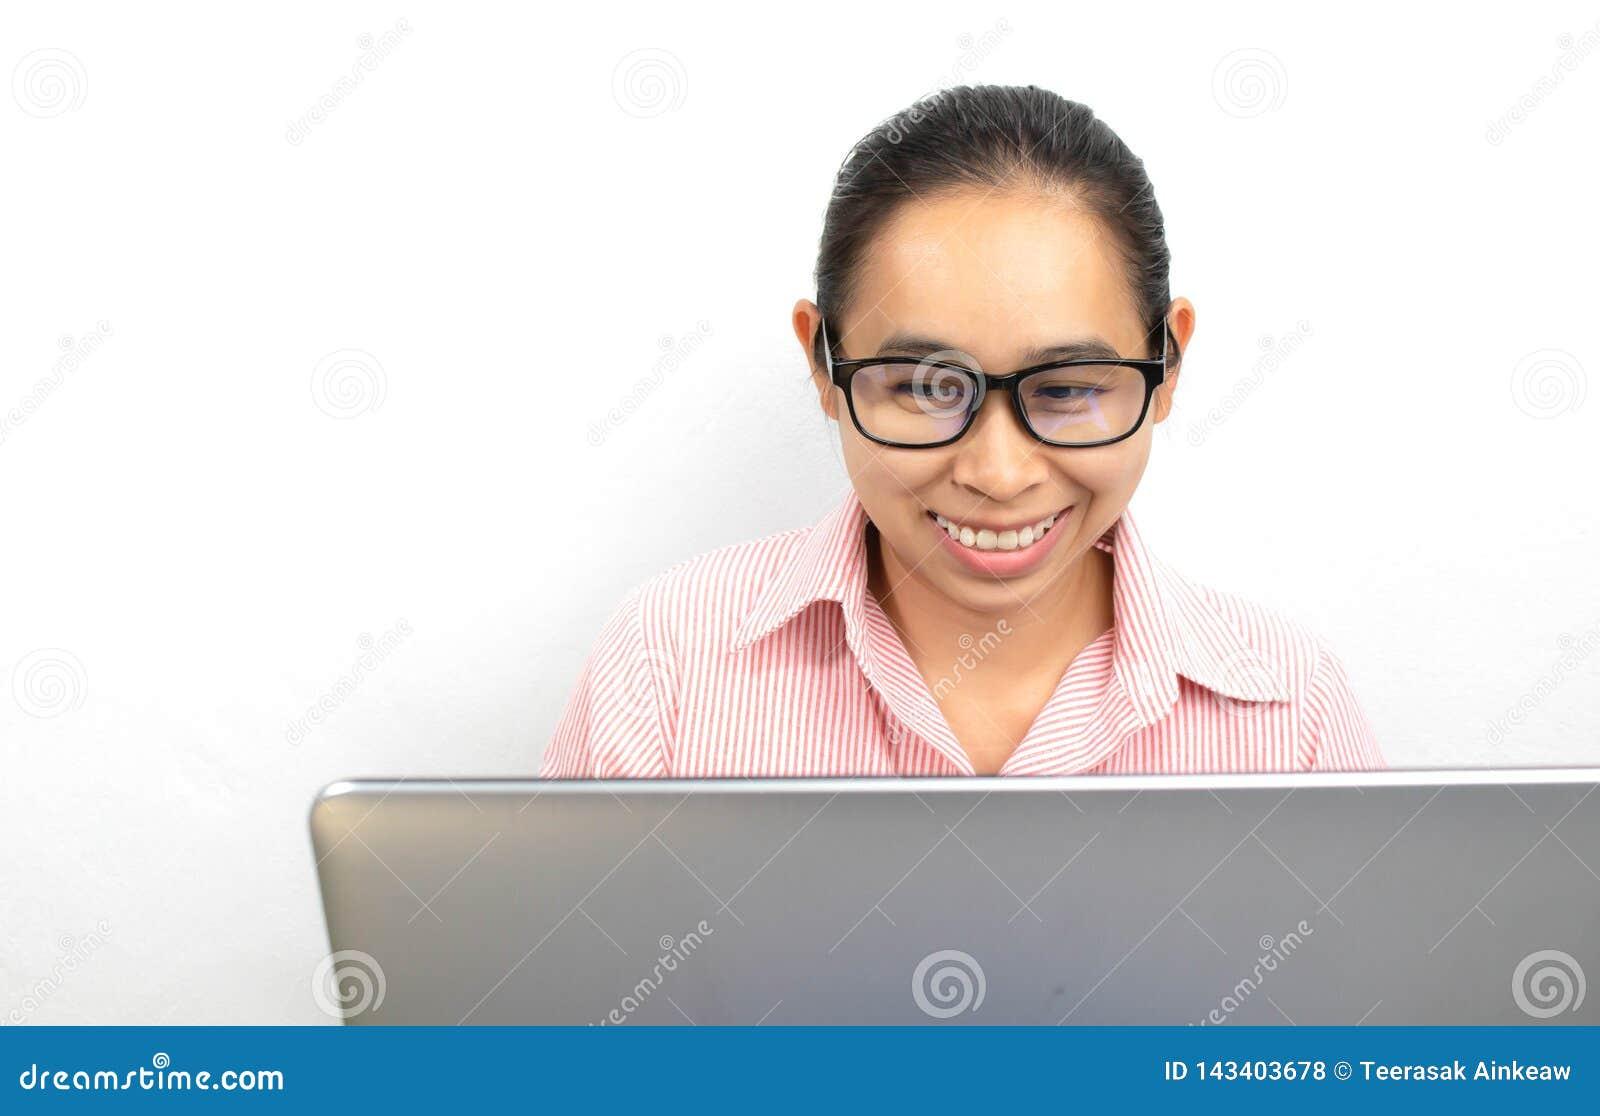 Zamyka w górę portreta szczęśliwa Azjatycka kobieta, jest ubranym szkła pracuje z laptopem w pokoju z przyglądającą smily twarzą,